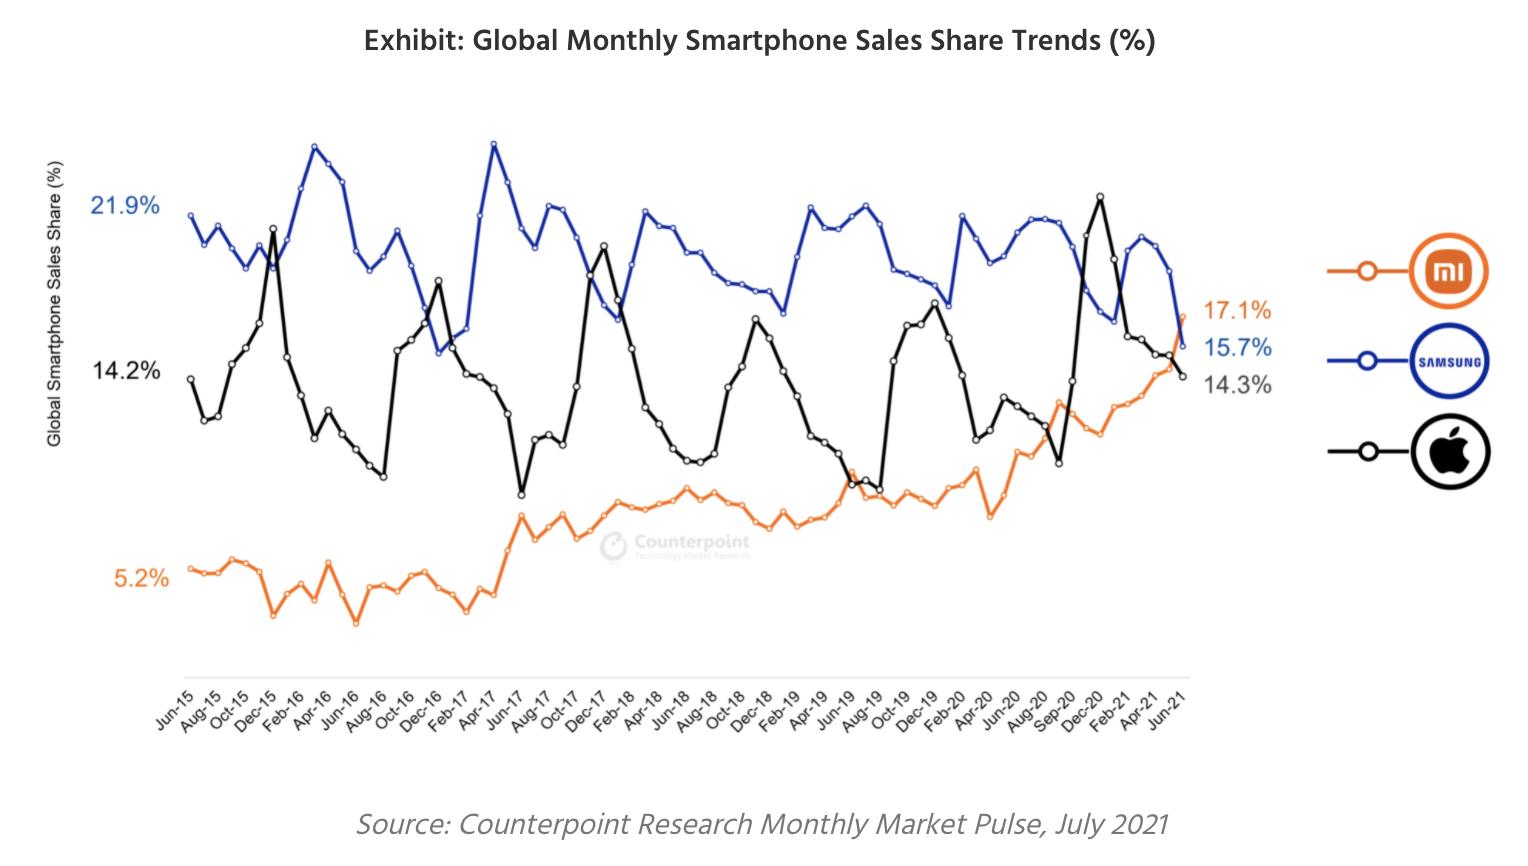 Counterpoint Researchin tilasto Xiaomin, Samsungin ja Applen älypuhelimituksista kuukausittain kesäkuuhun 2021 asti.